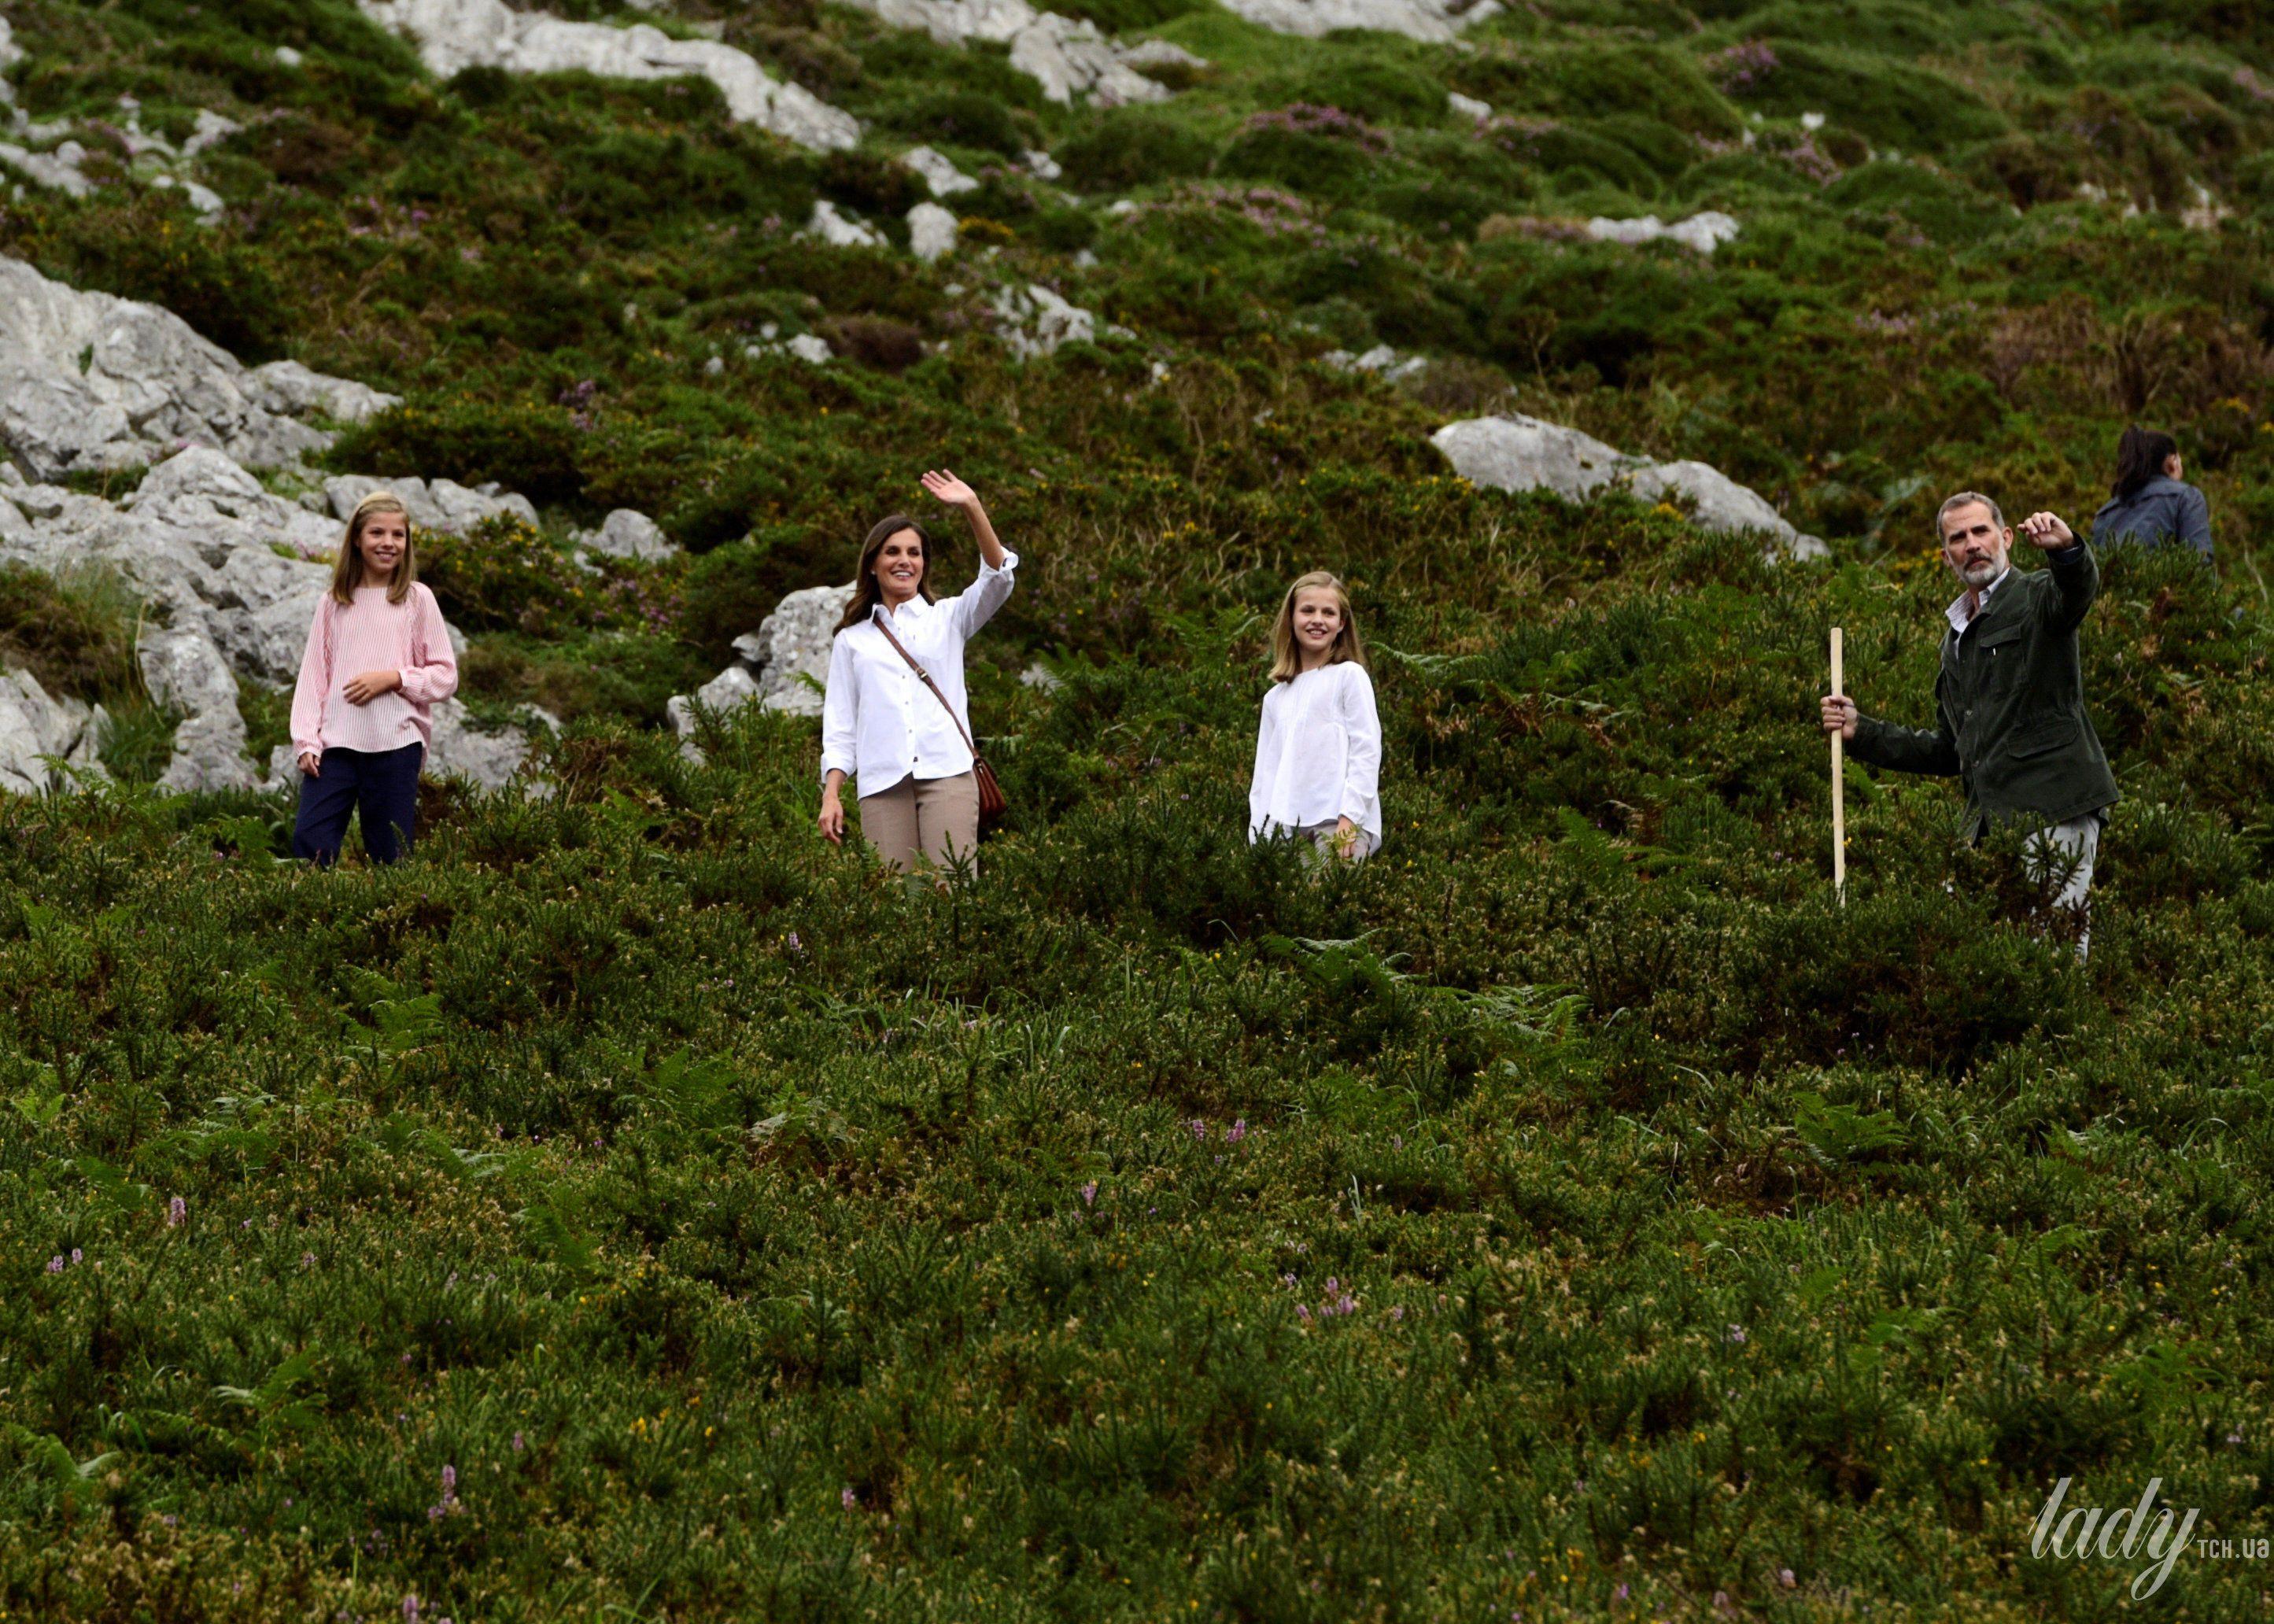 Испанская королевская семья: король Филипп, королева Летиция, принцессы Леонор и София_7